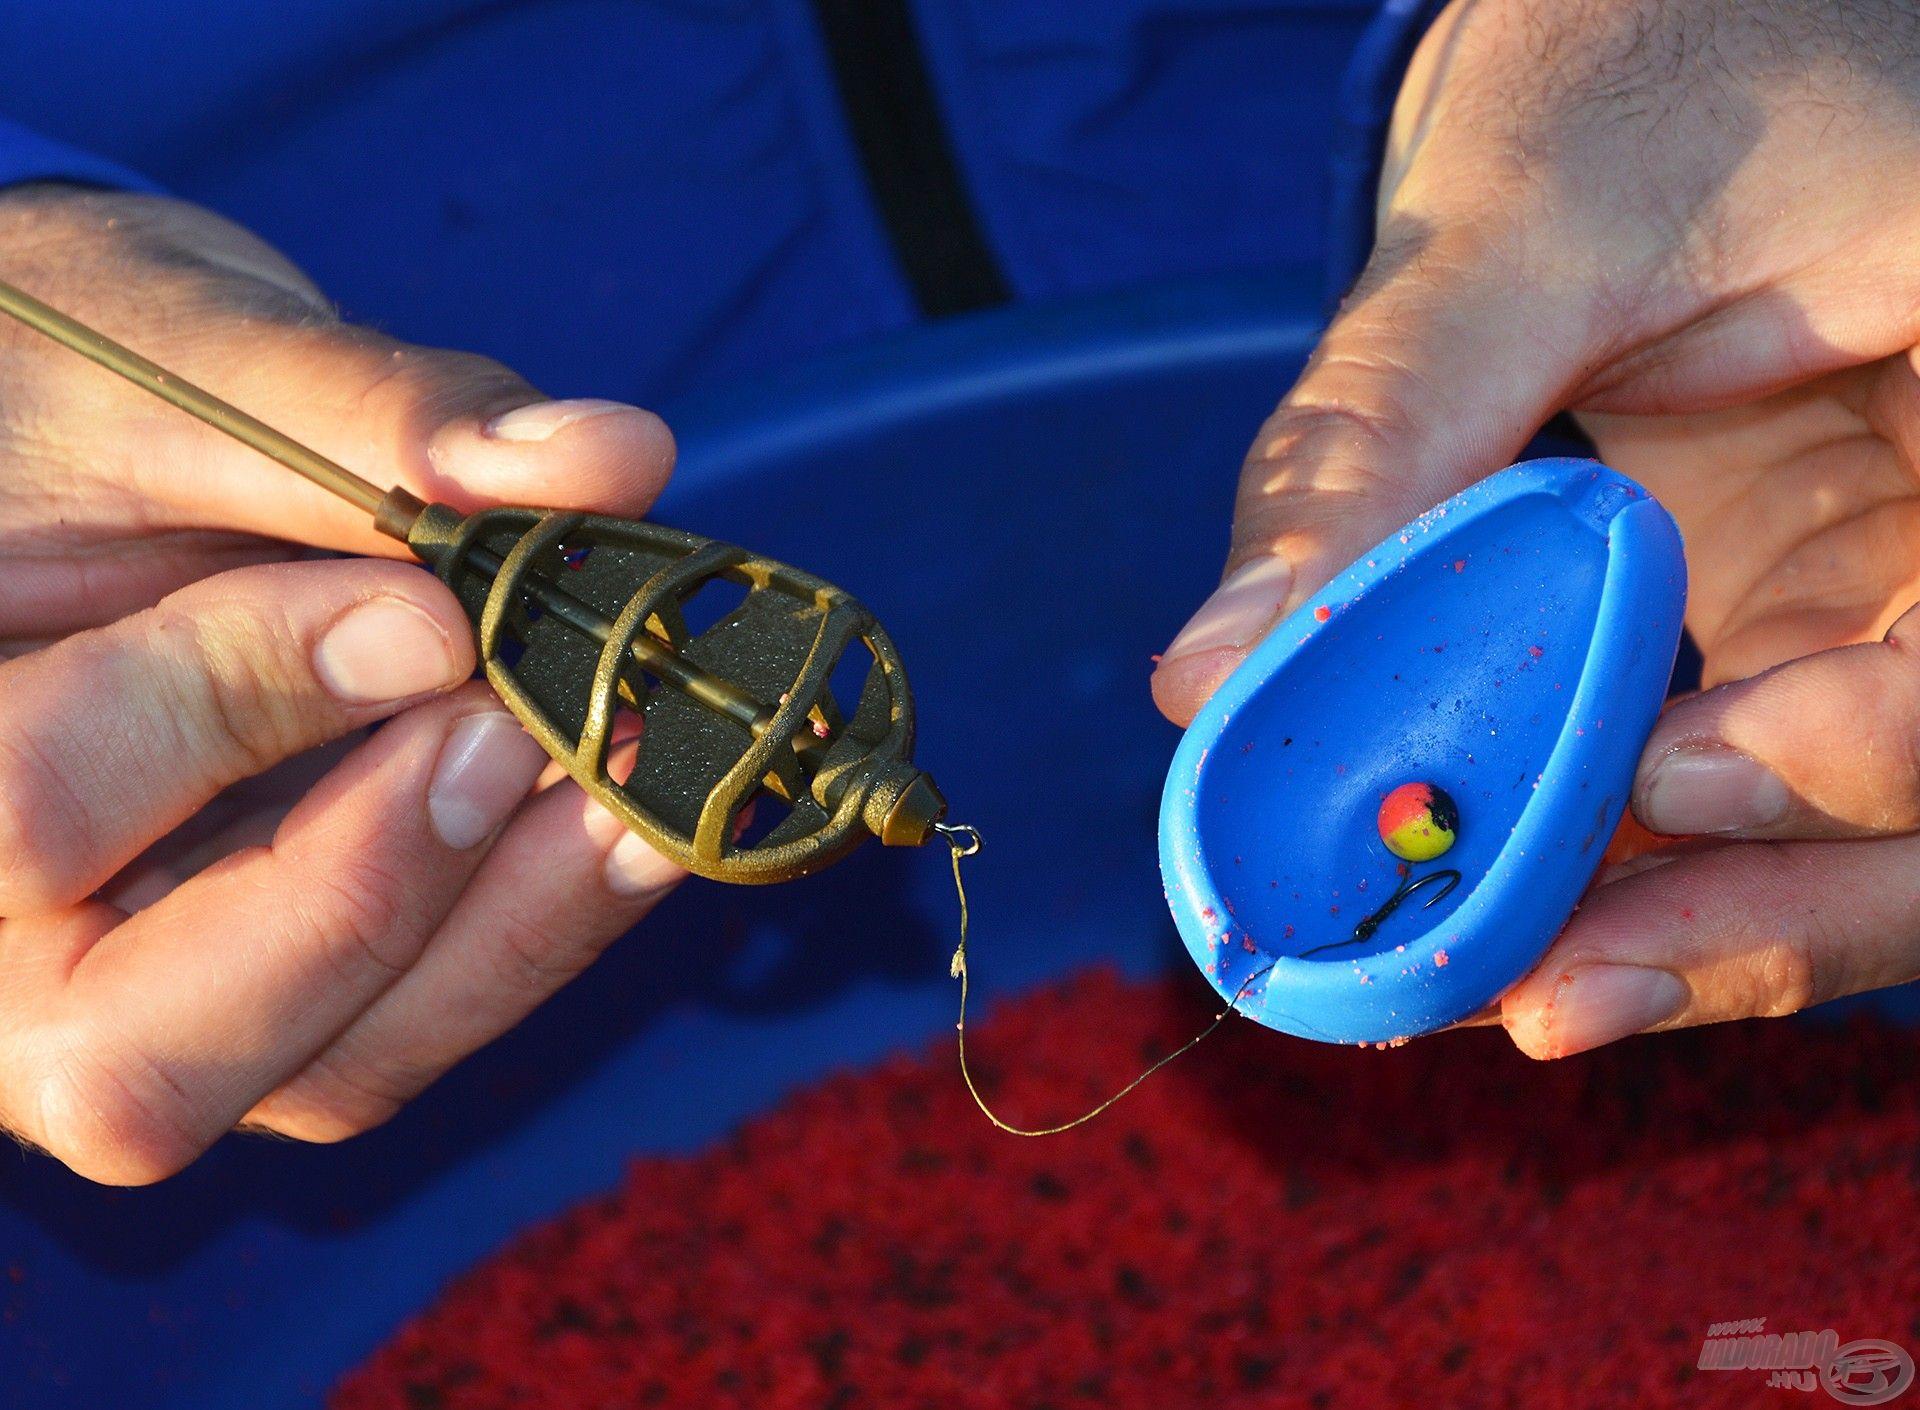 Elsőként a felcsalizott horog kerüljön bele a töltőformába úgy, hogy a végén található vájatba kerüljön a horogelőke